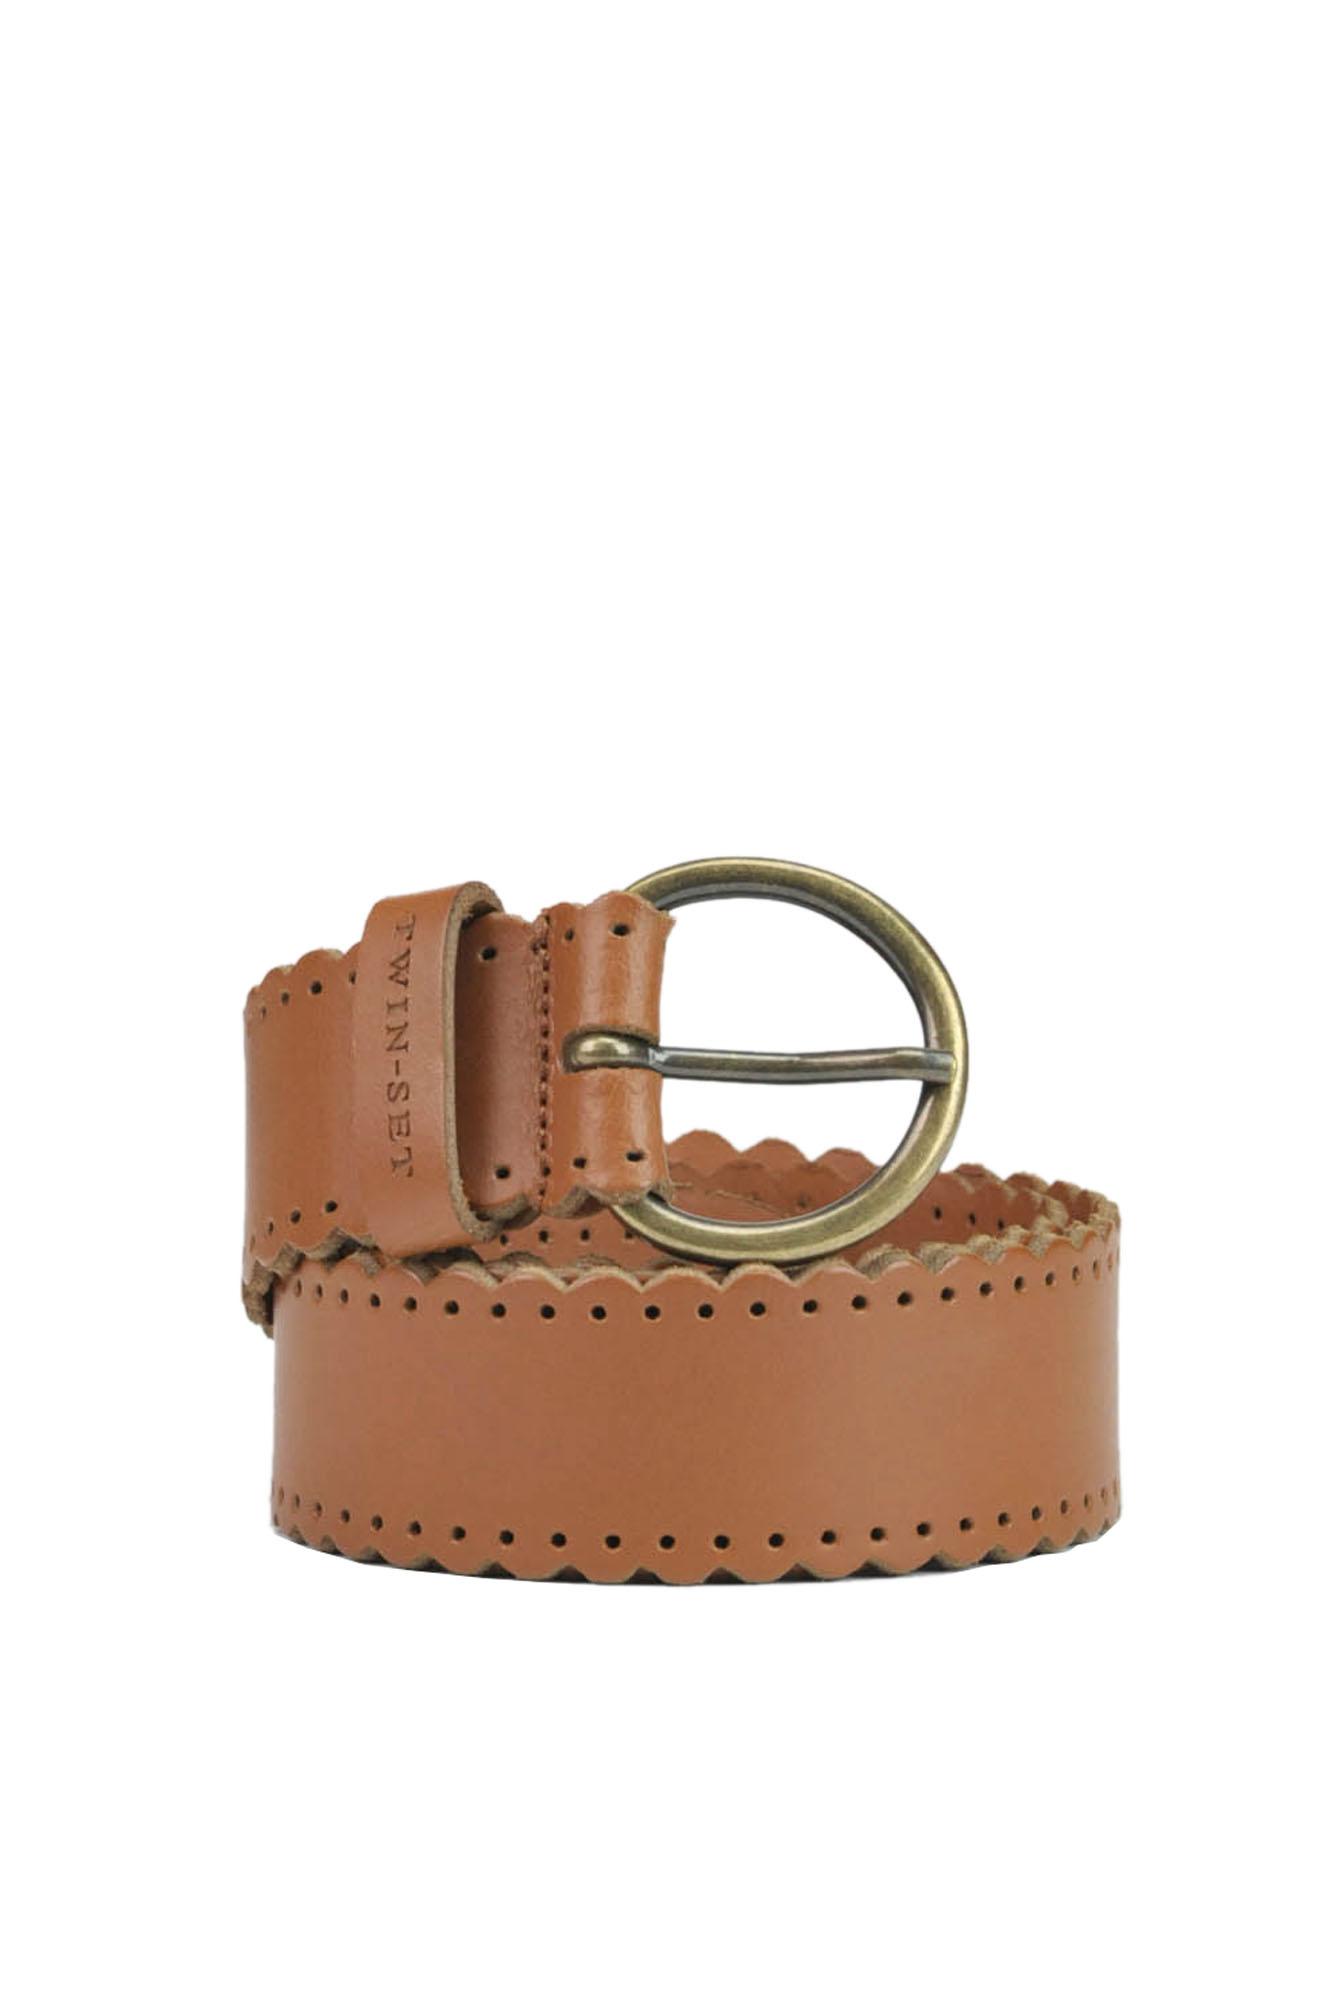 Image of Cintura in pelle